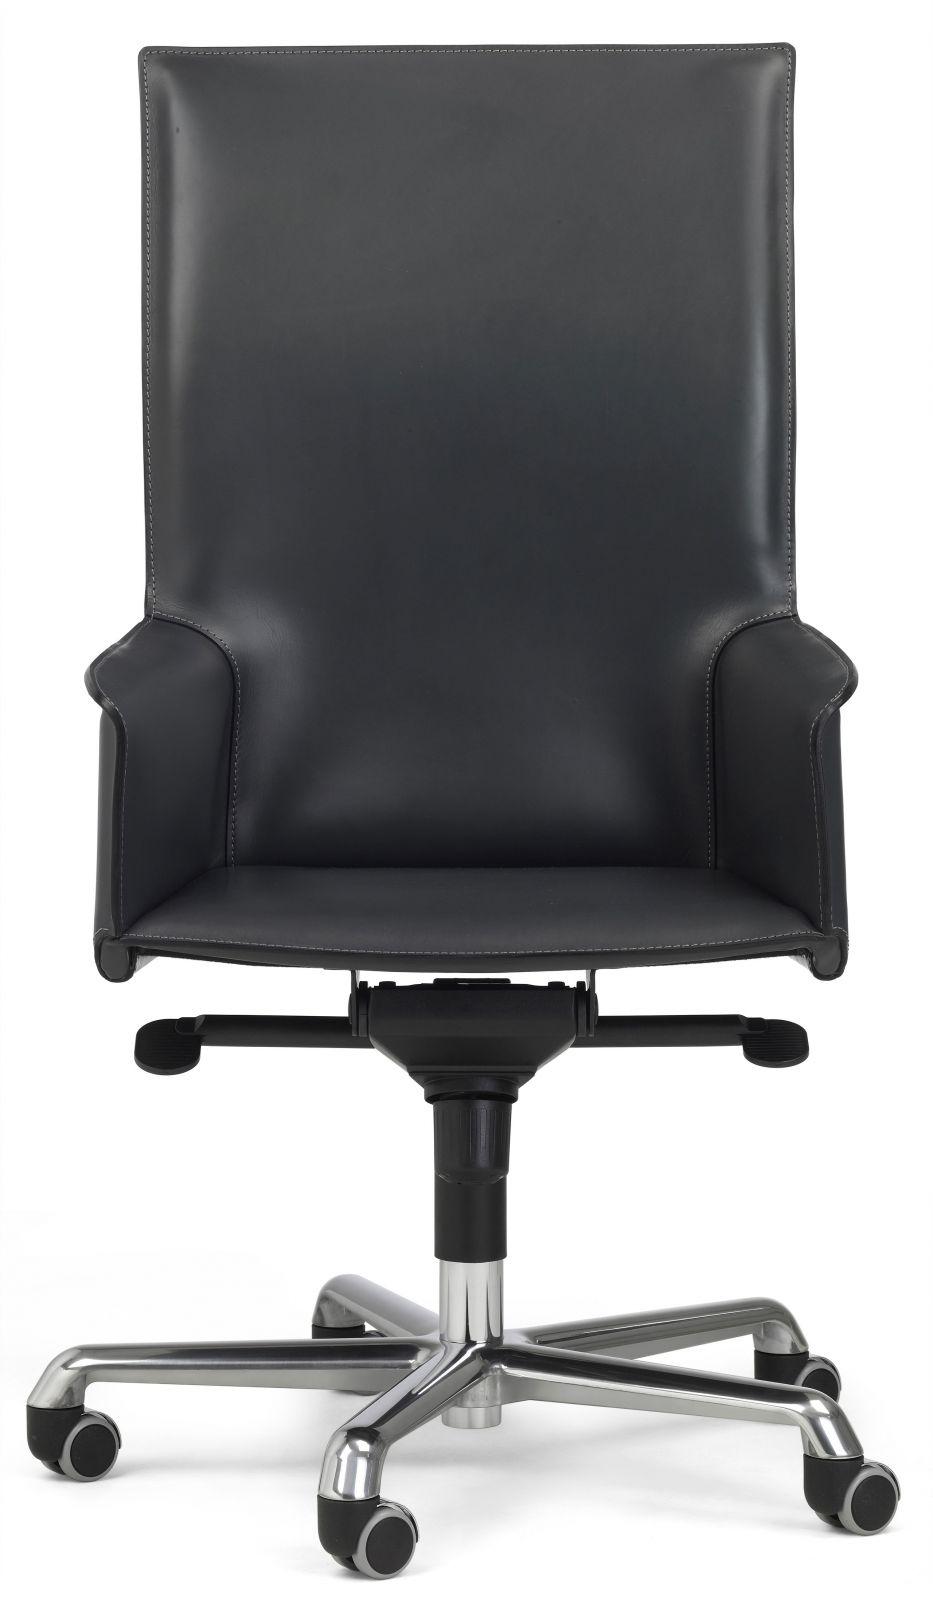 MOF 120 Modern Office Chair